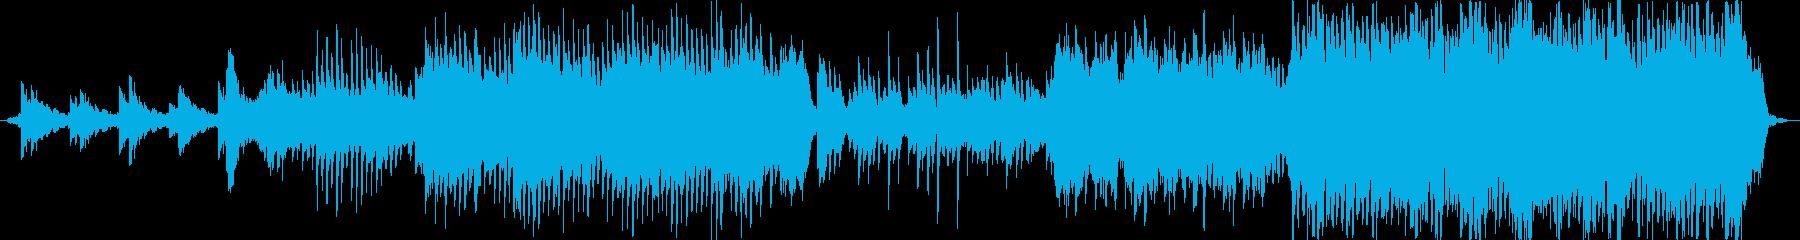 ストリングスと電子音、優しくて幻想的な曲の再生済みの波形